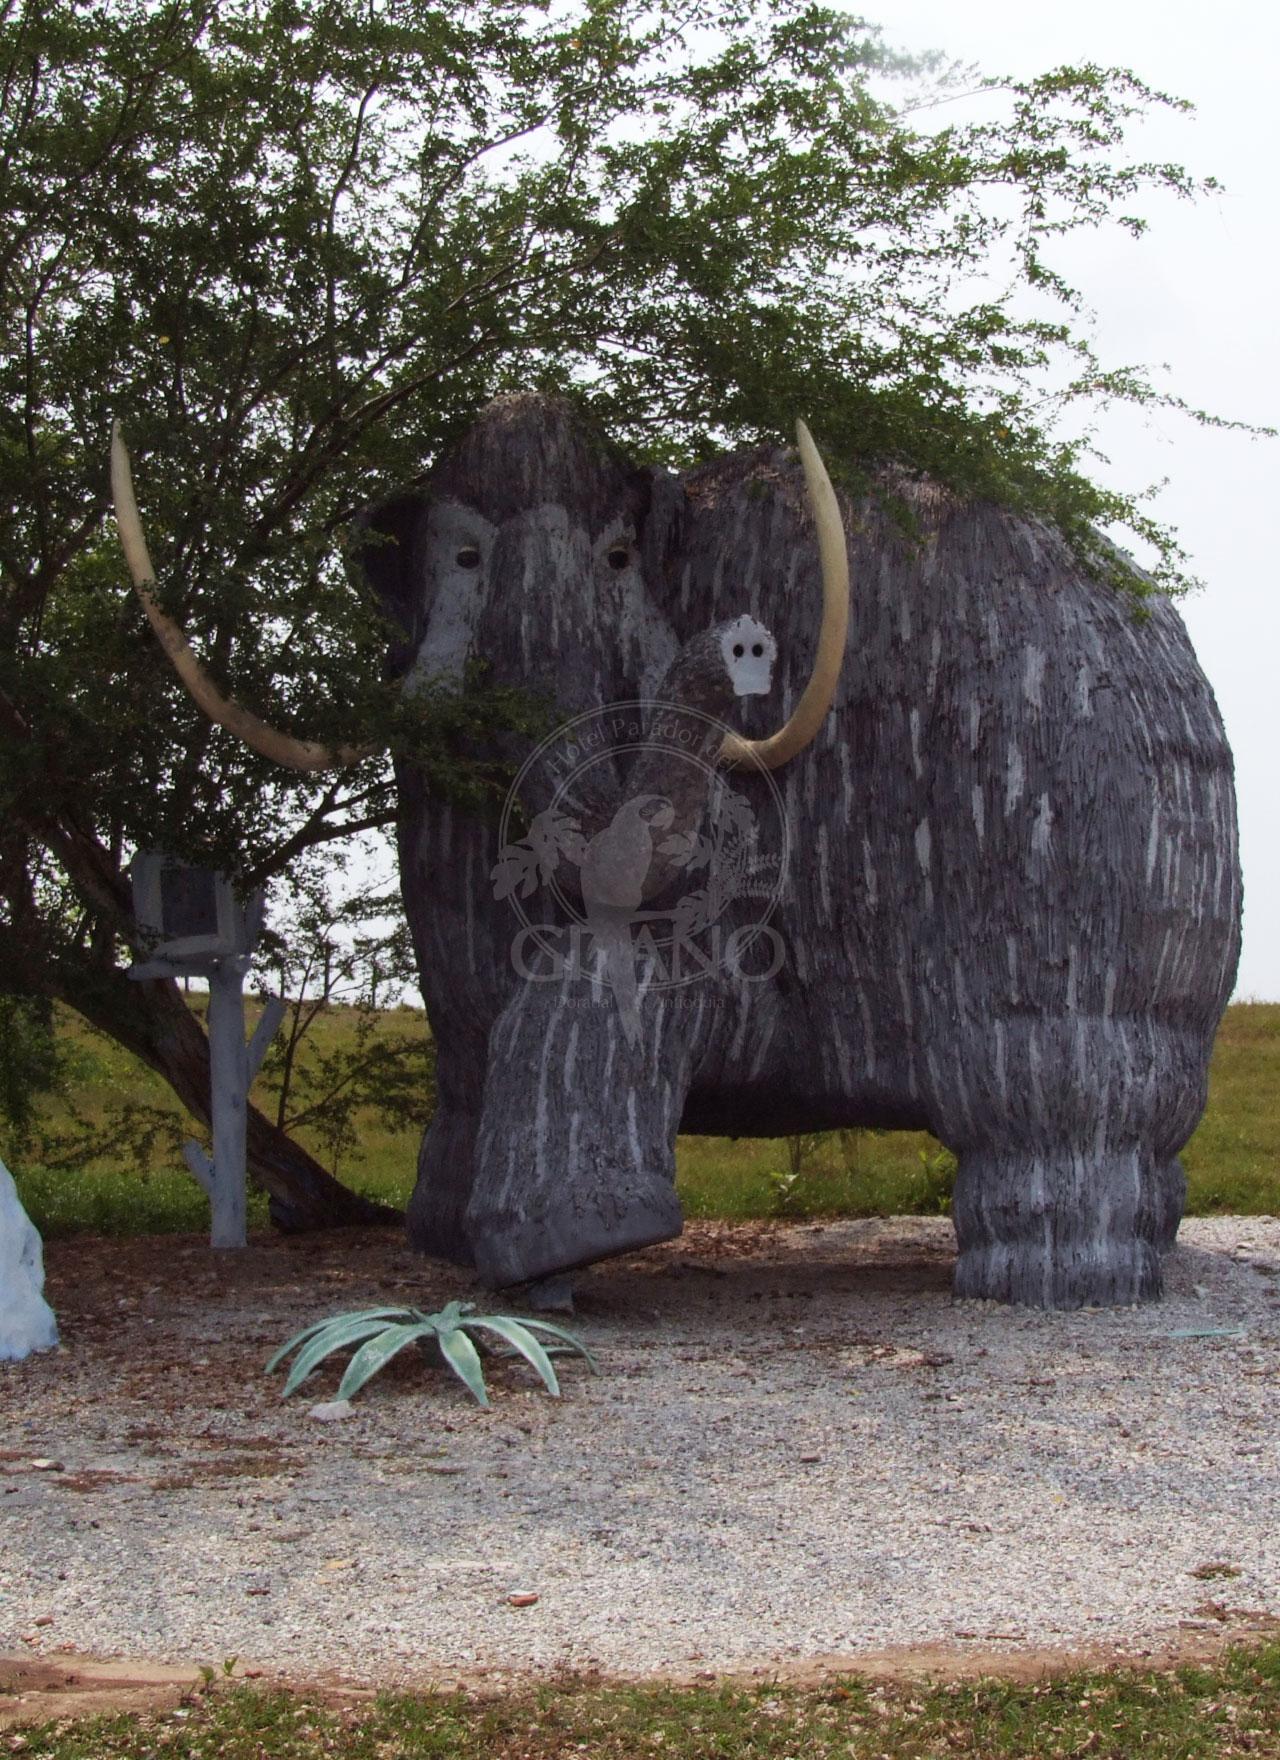 Encuentra milenarios mamuts - Parque Temático Hacienda Nápoles - Hotel & Restaurante Parador del Gitano - Nápoles - Doradal - Rio claro